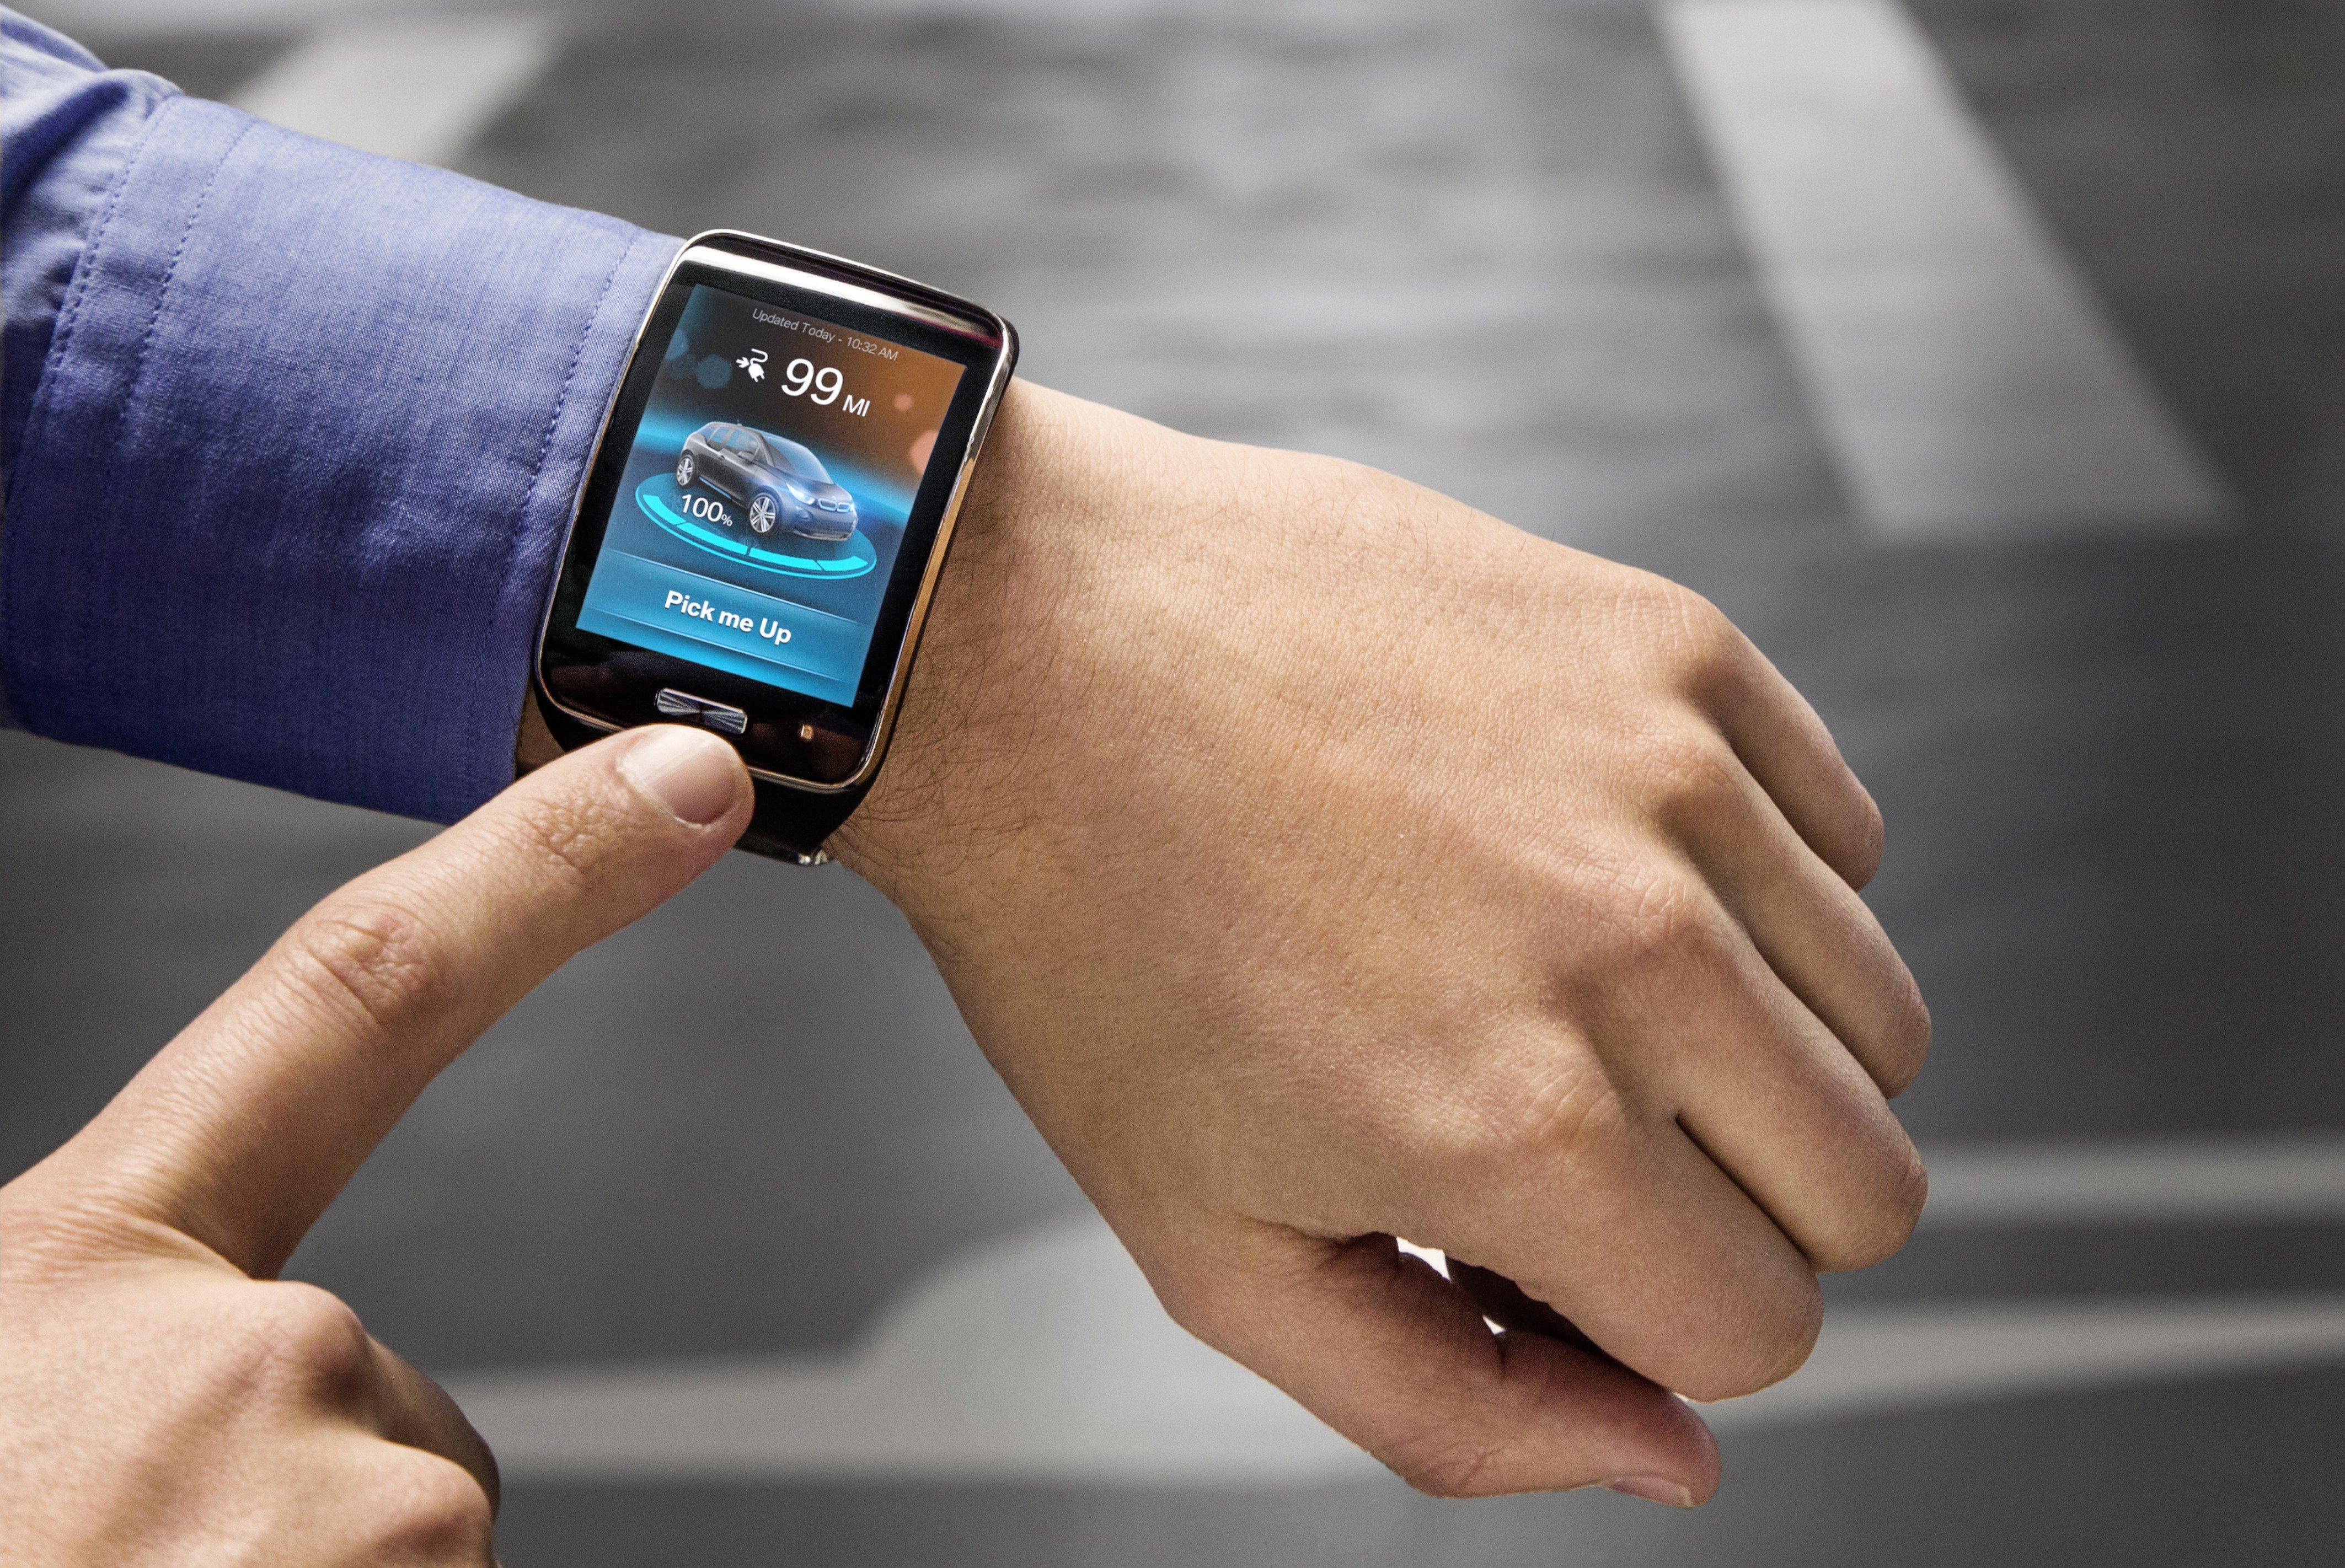 Ein Klick auf die Smartwatch und der BMW i3 setzt sich im Parkhaus Bewegung und holt seinen Besitzer ab.